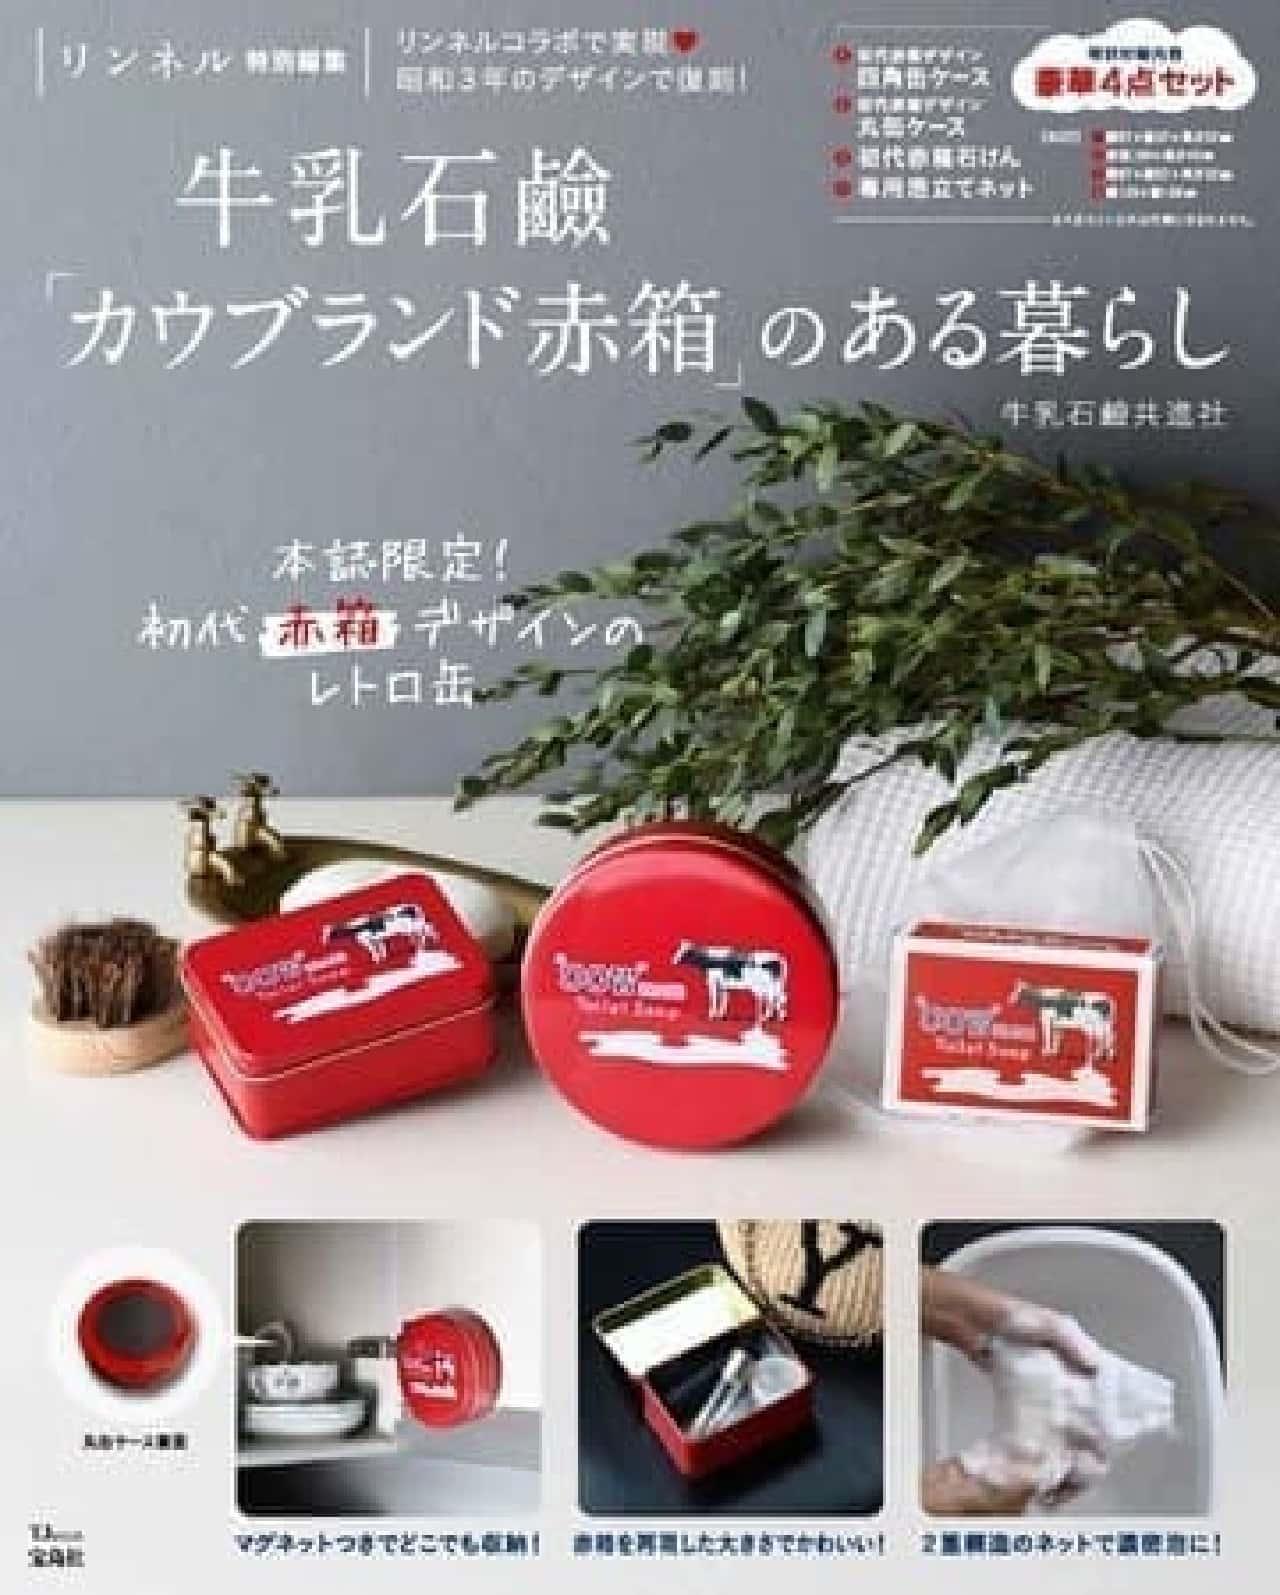 『リンネル特別編集 牛乳石鹸「カウブランド赤箱」のある暮らし』